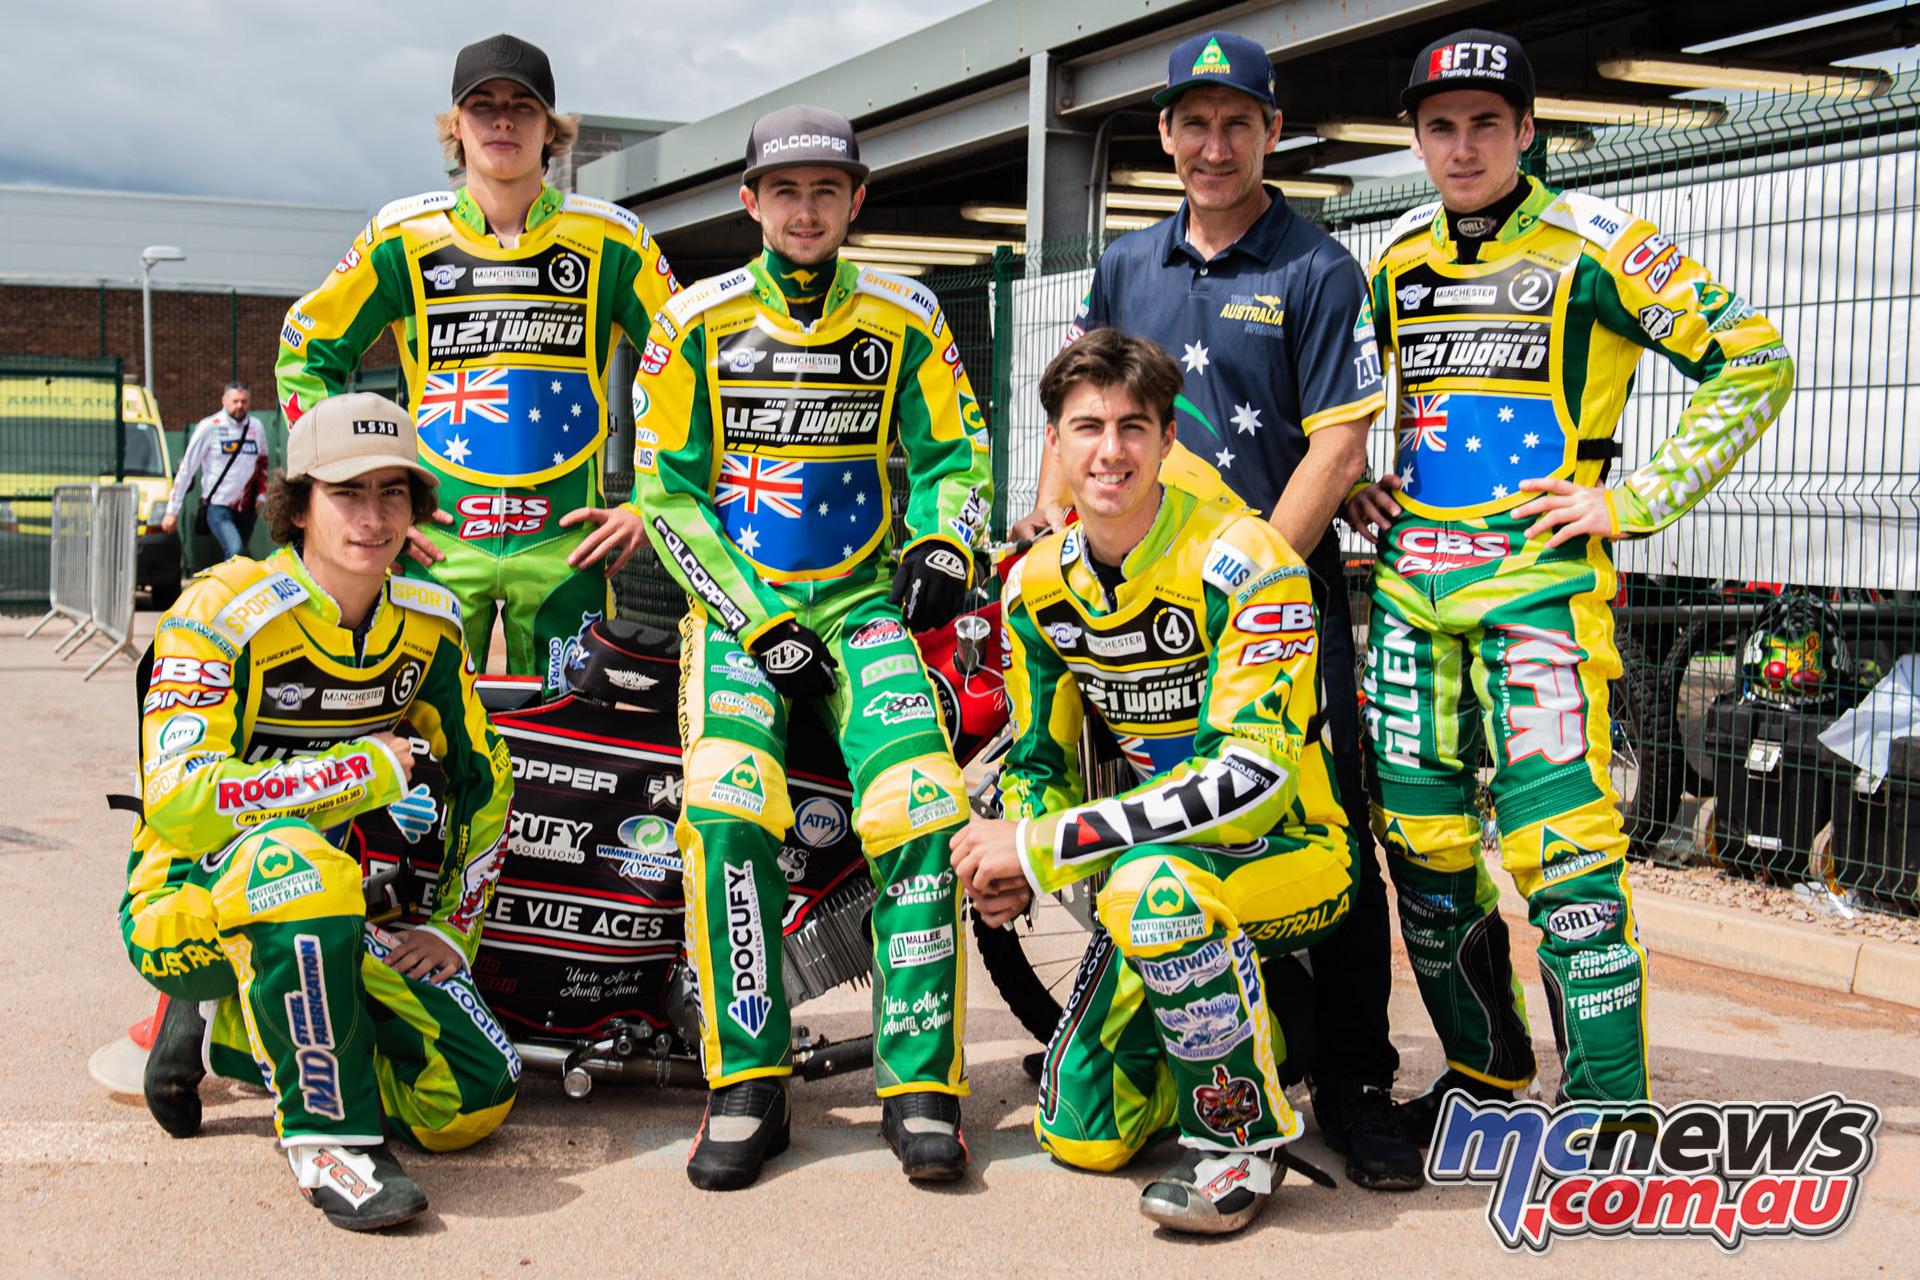 FIM Team Speedway U World Championship Final Team Australia